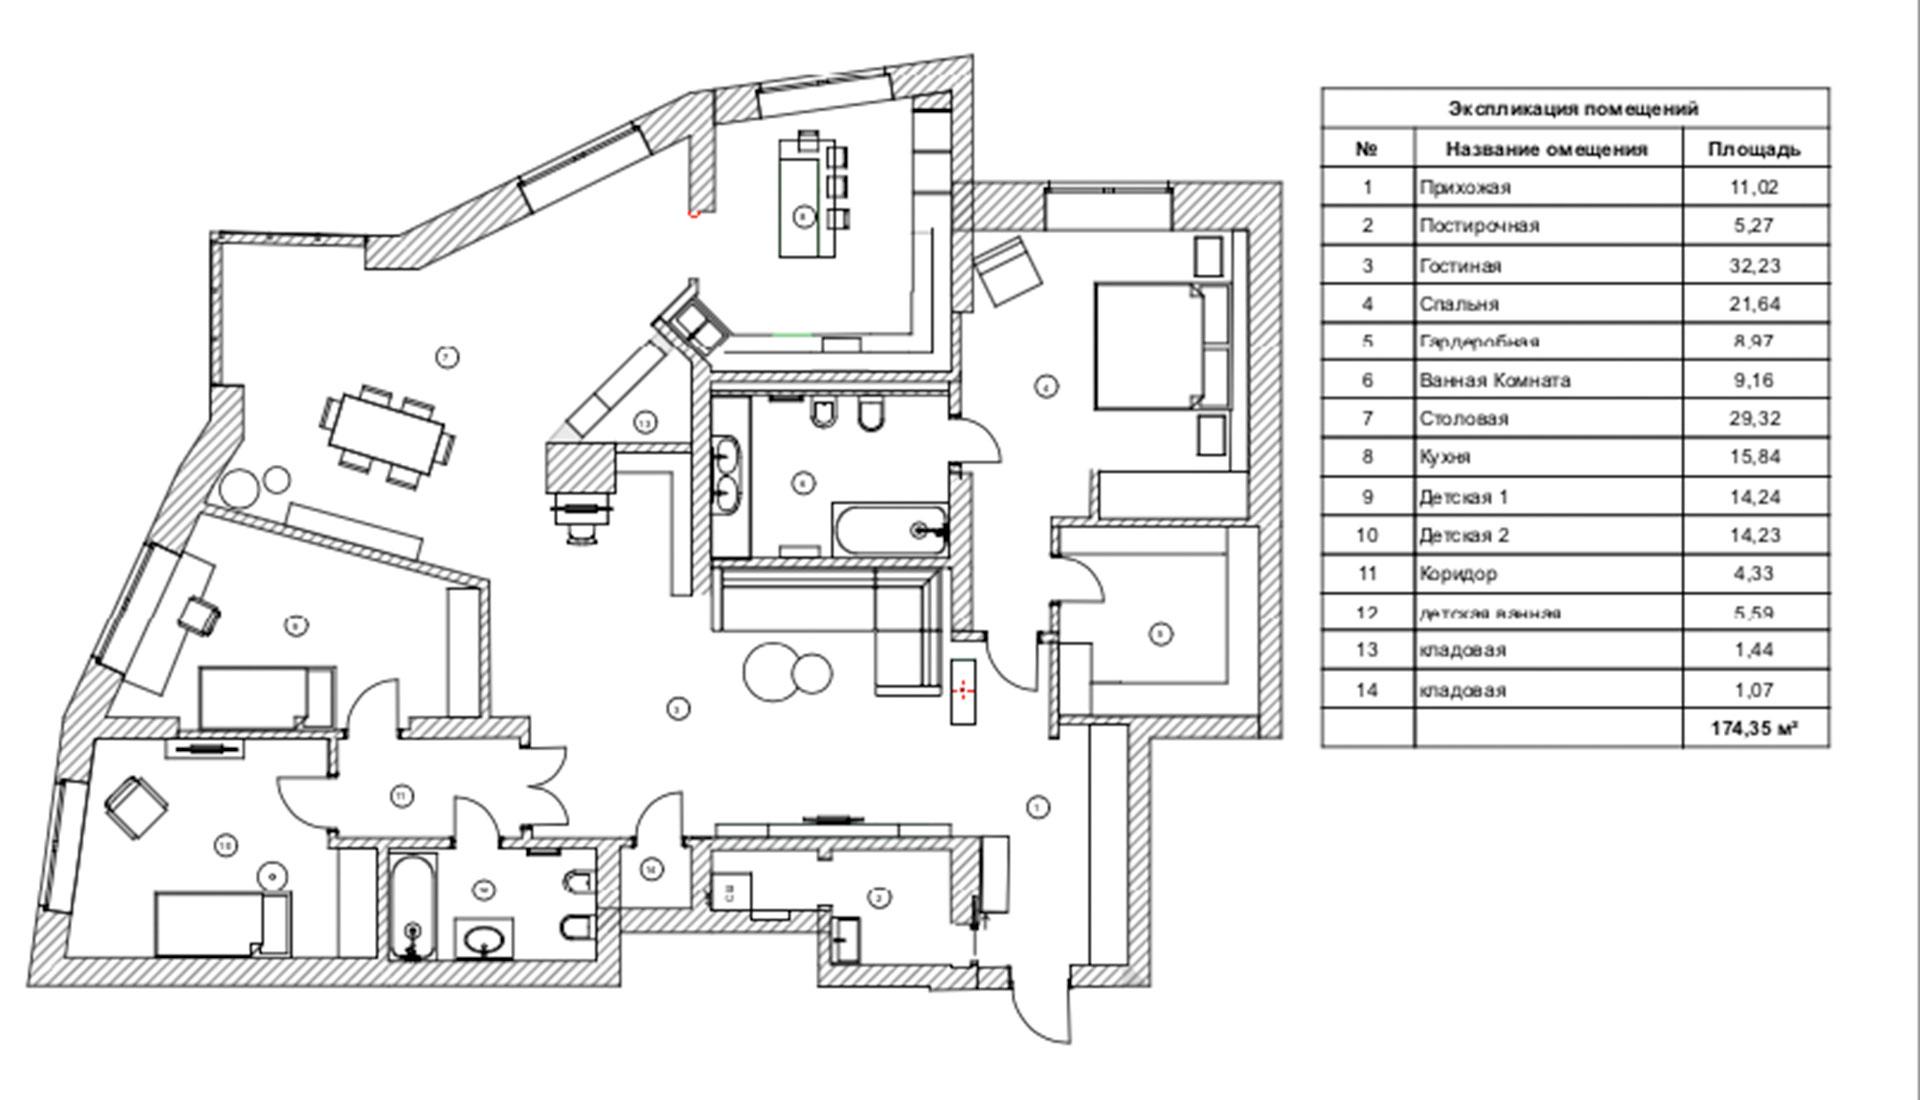 Планировка квартиры 170 кв метров фото